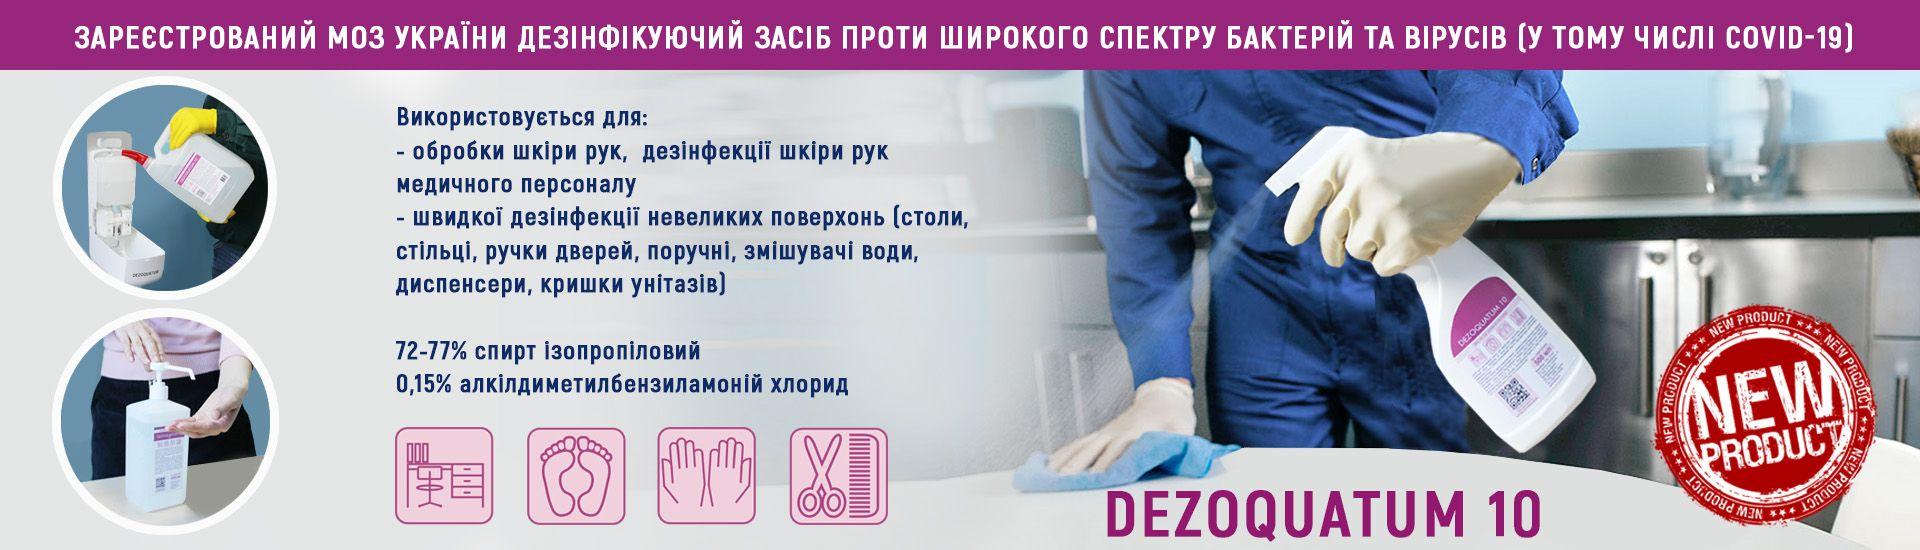 Dezoquatum10